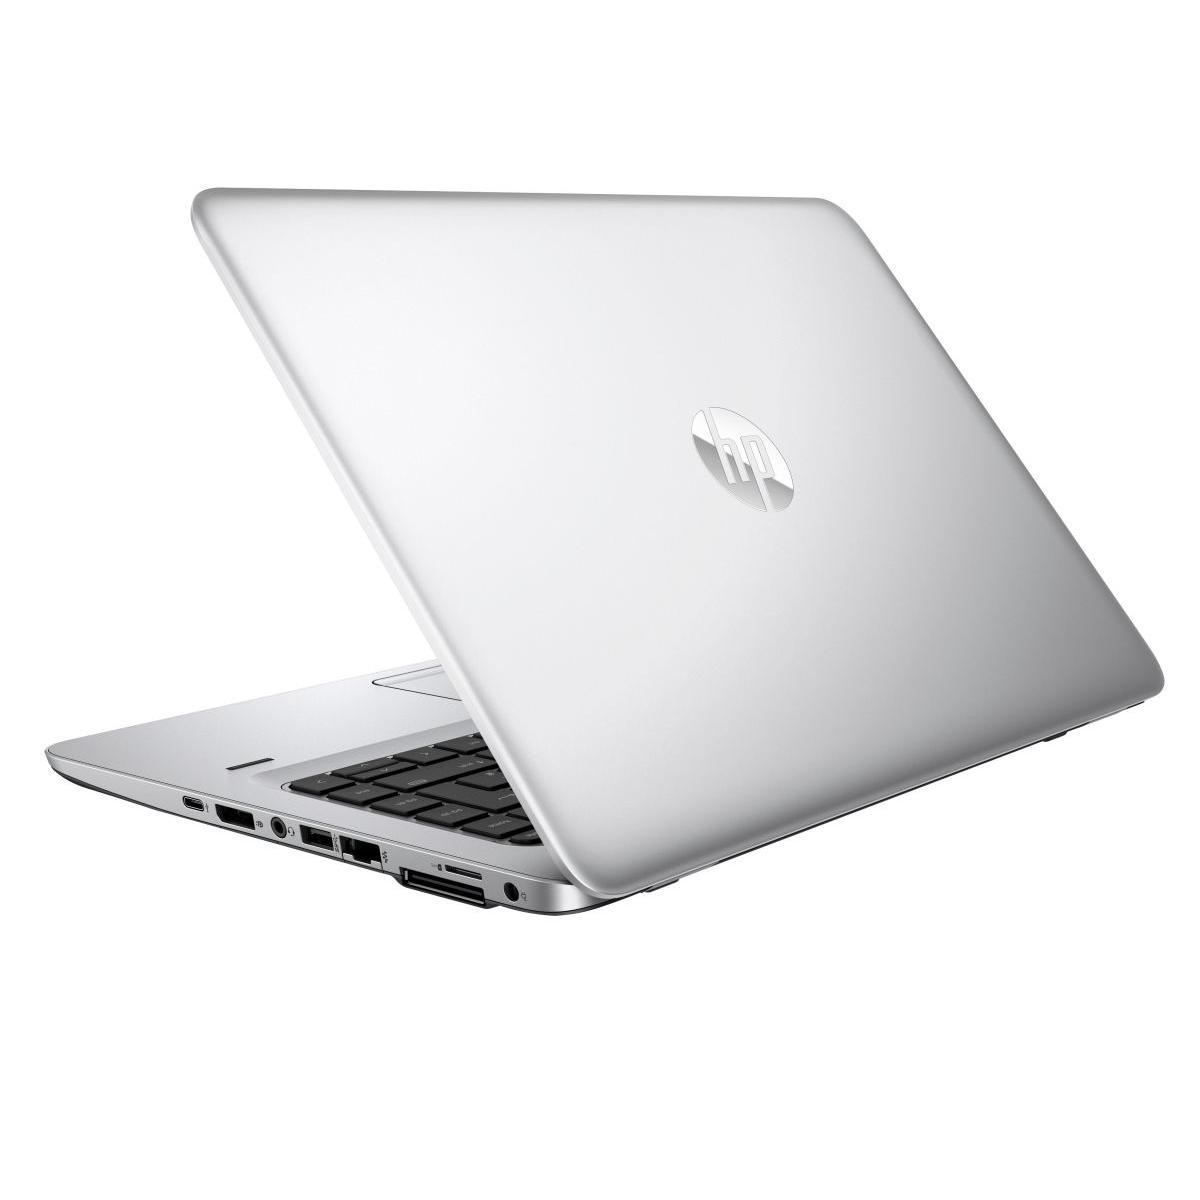 HP EliteBook 745 G3 14-tum (2016) - A10-8700B - 8GB - HDD 500 GB QWERTZ - Tyska